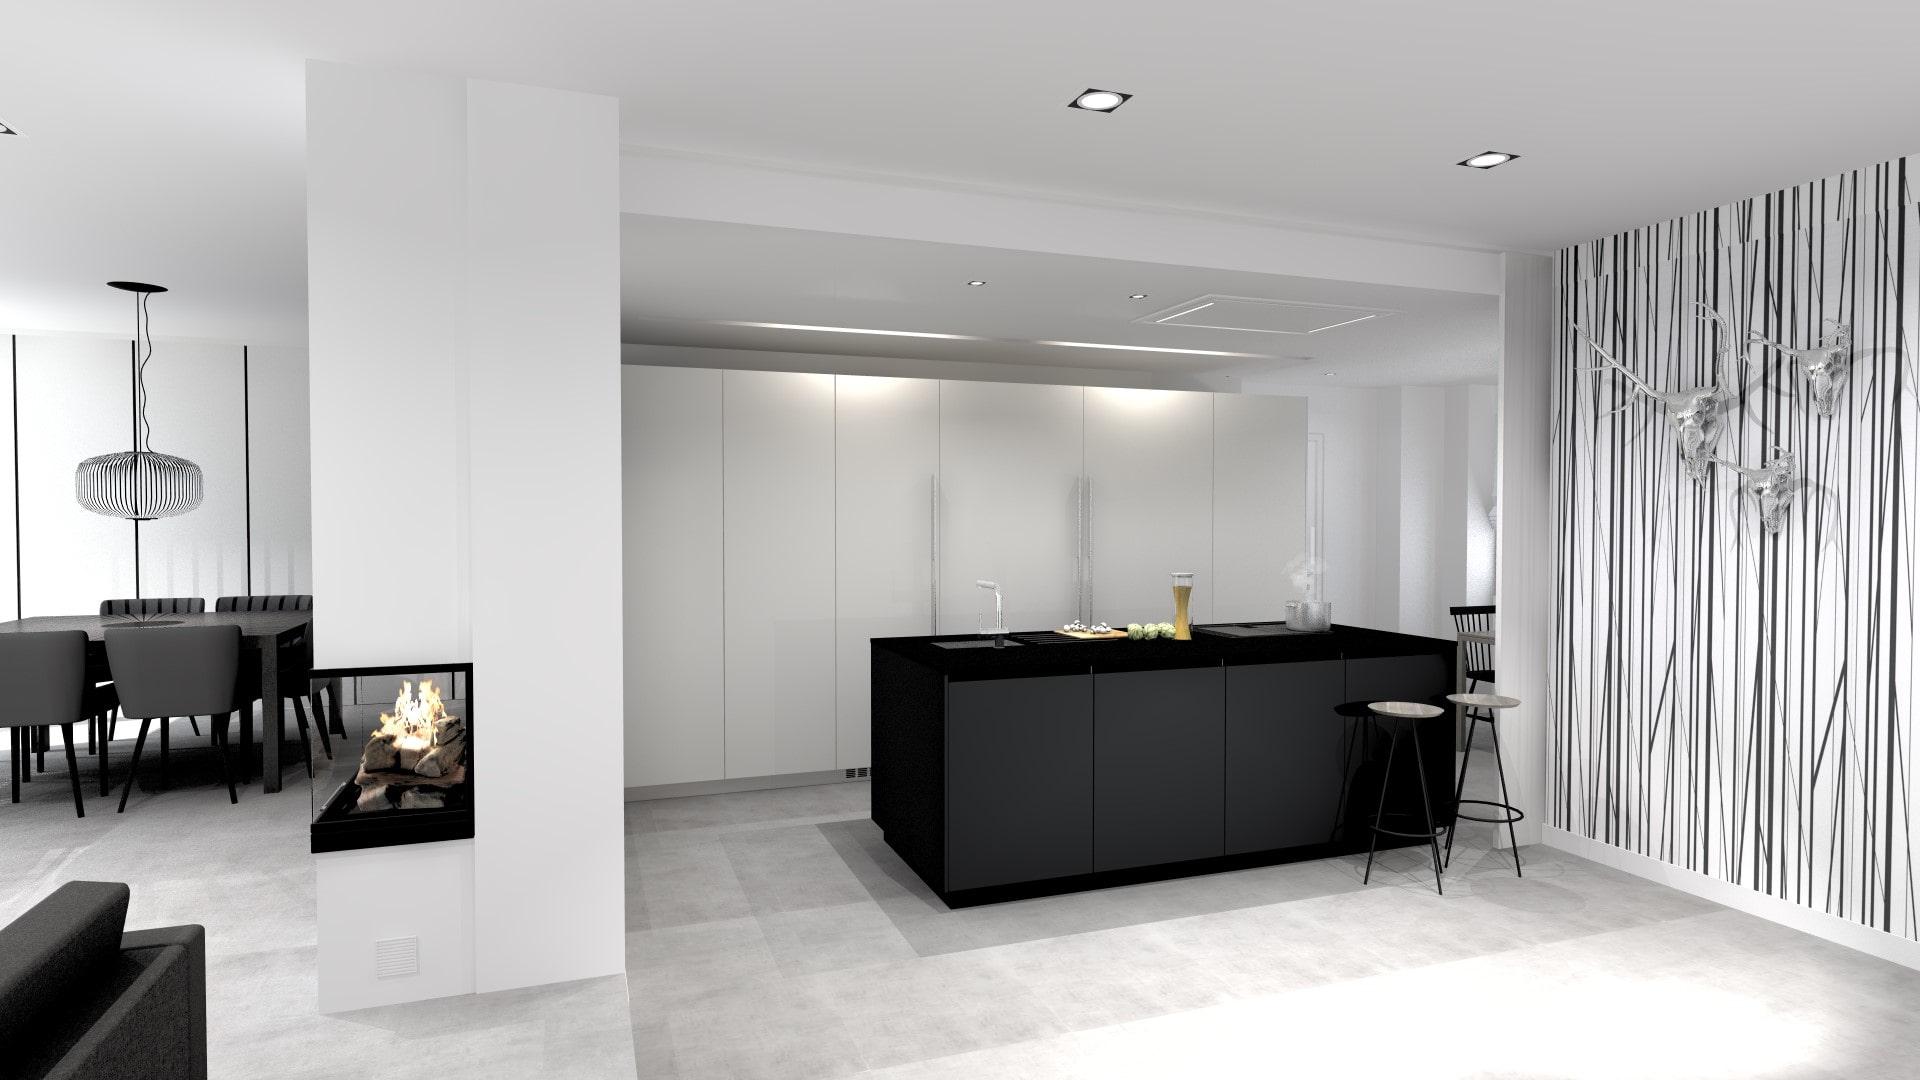 Luces empotradas LED para iluminar la cocina Santiago Interiores